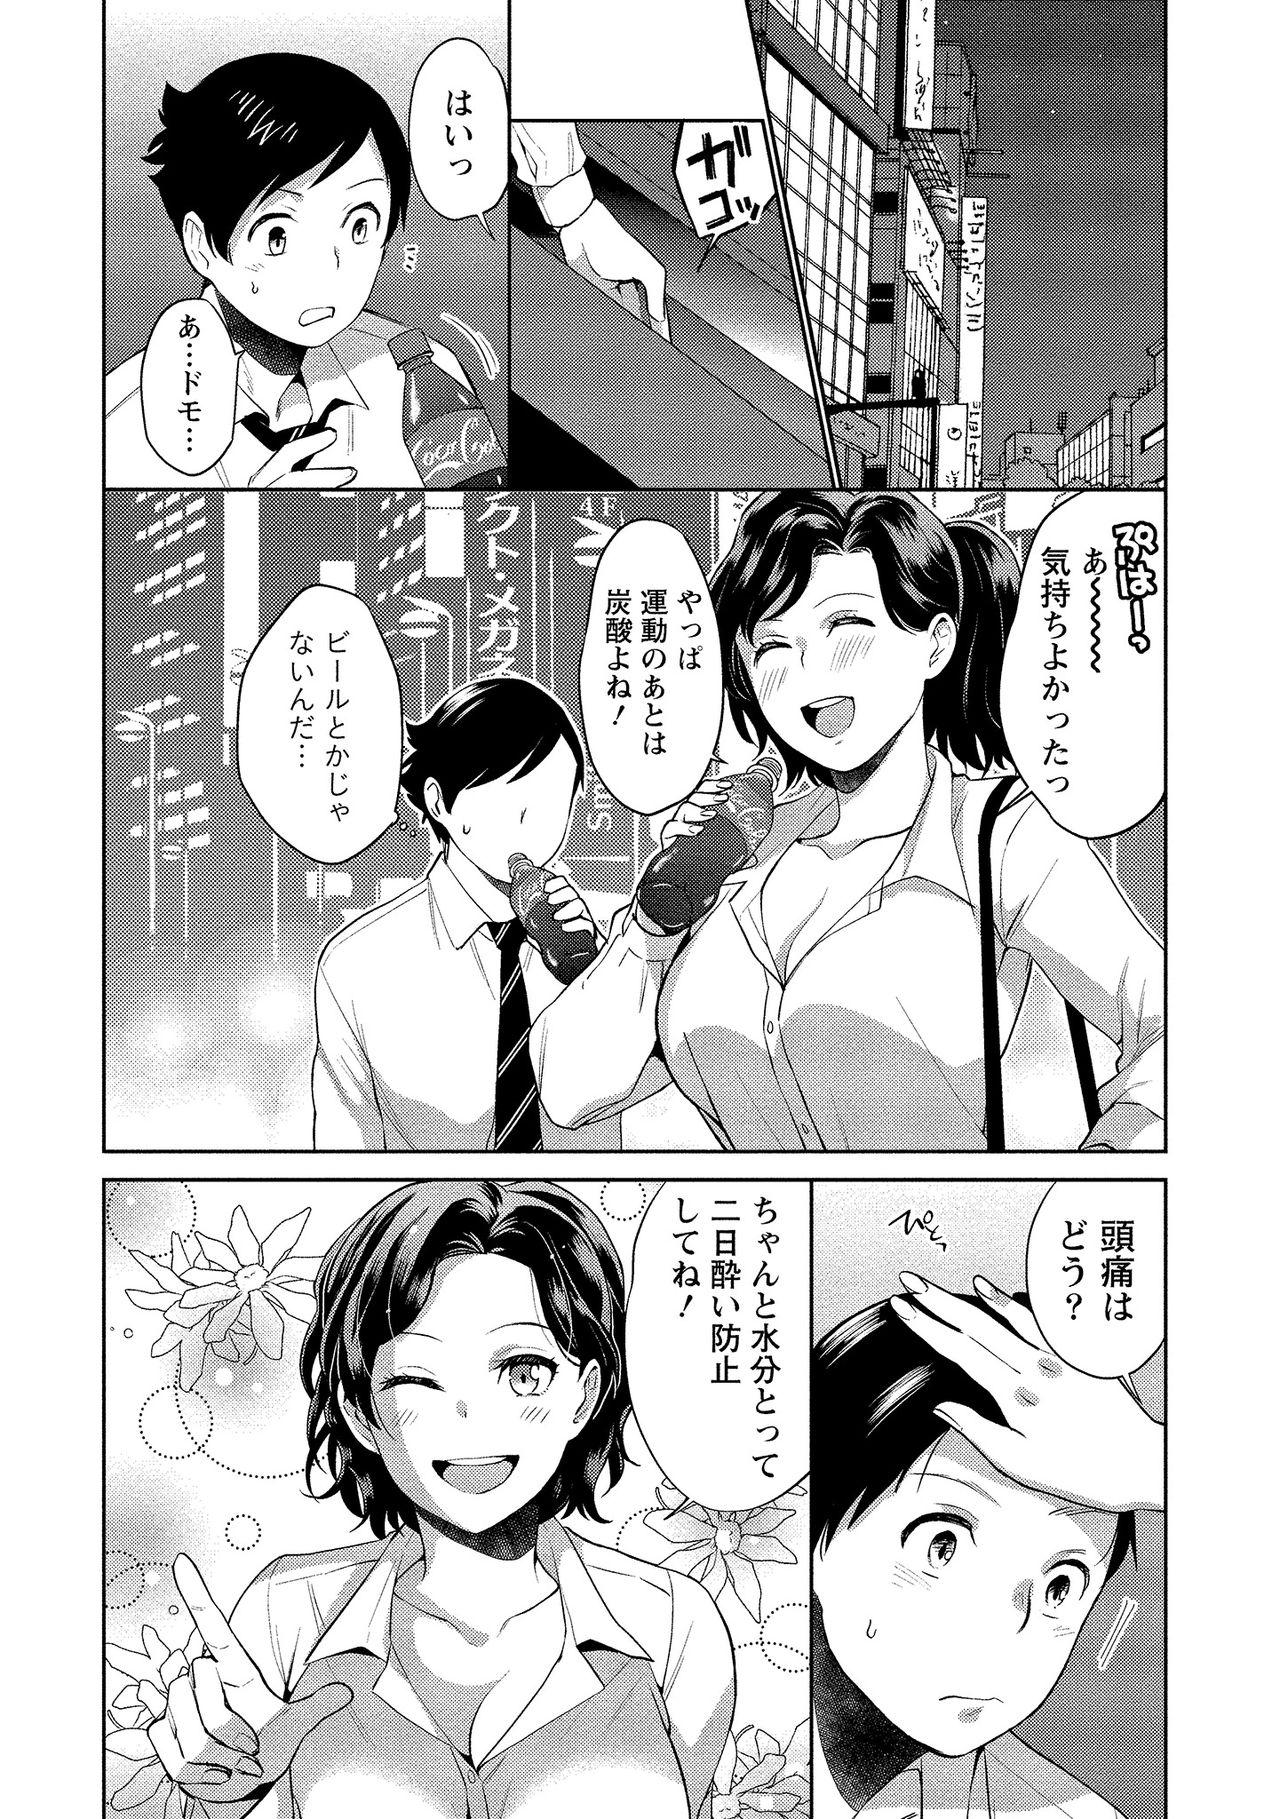 Dorobou Neko wa Kanojo no Hajimari 90